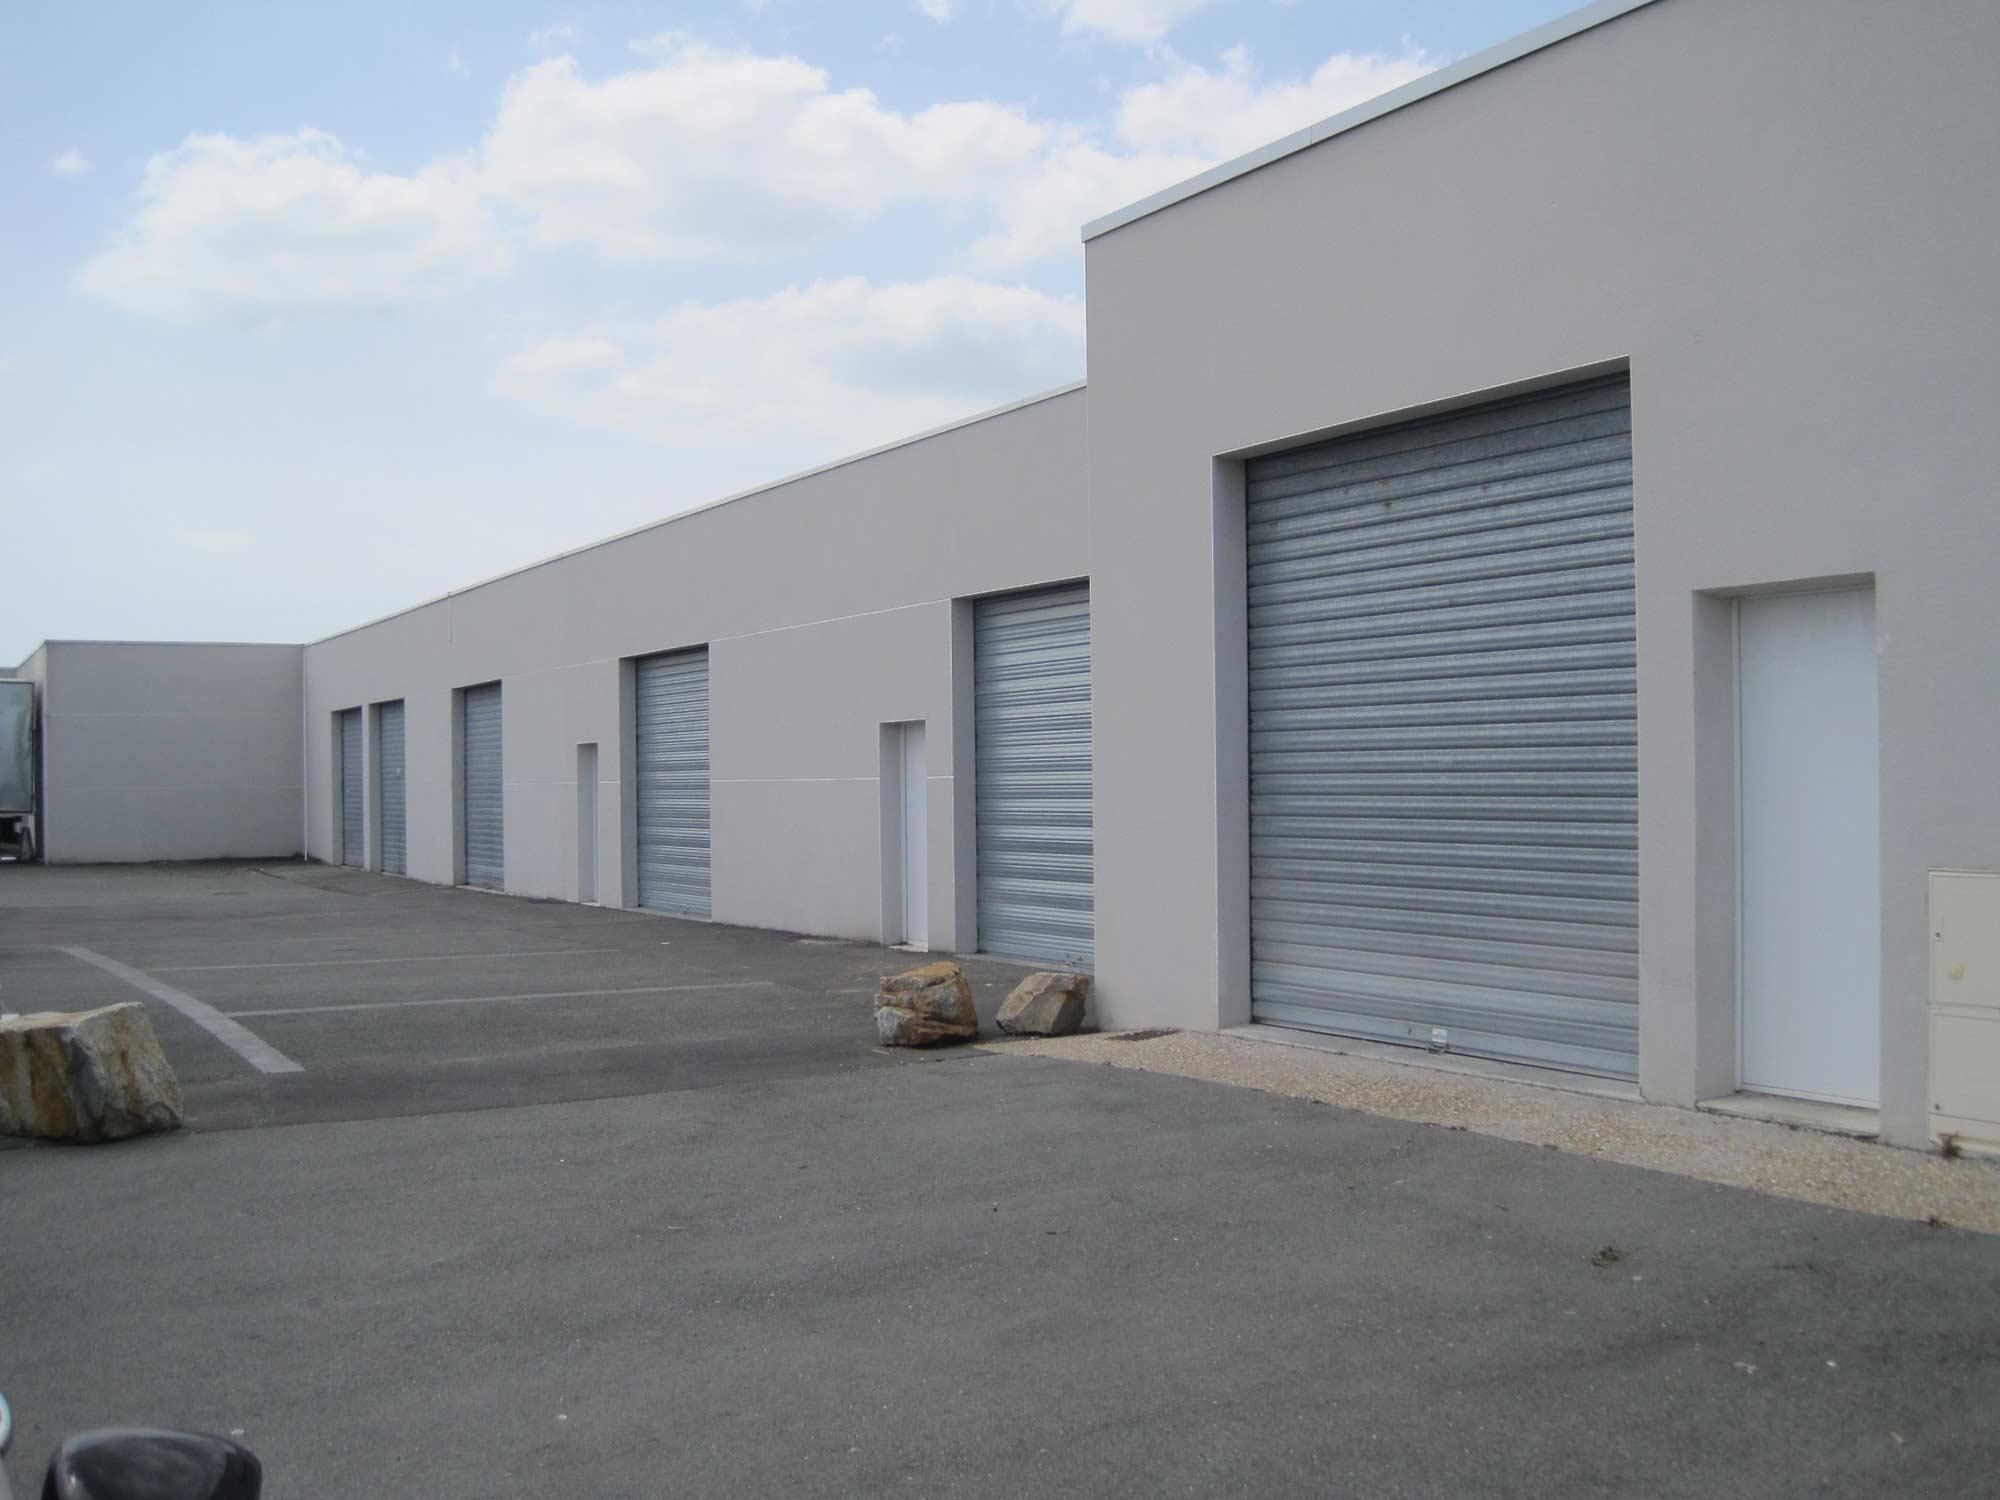 Local d'activités – Dépôt de 66 m² – Aytré